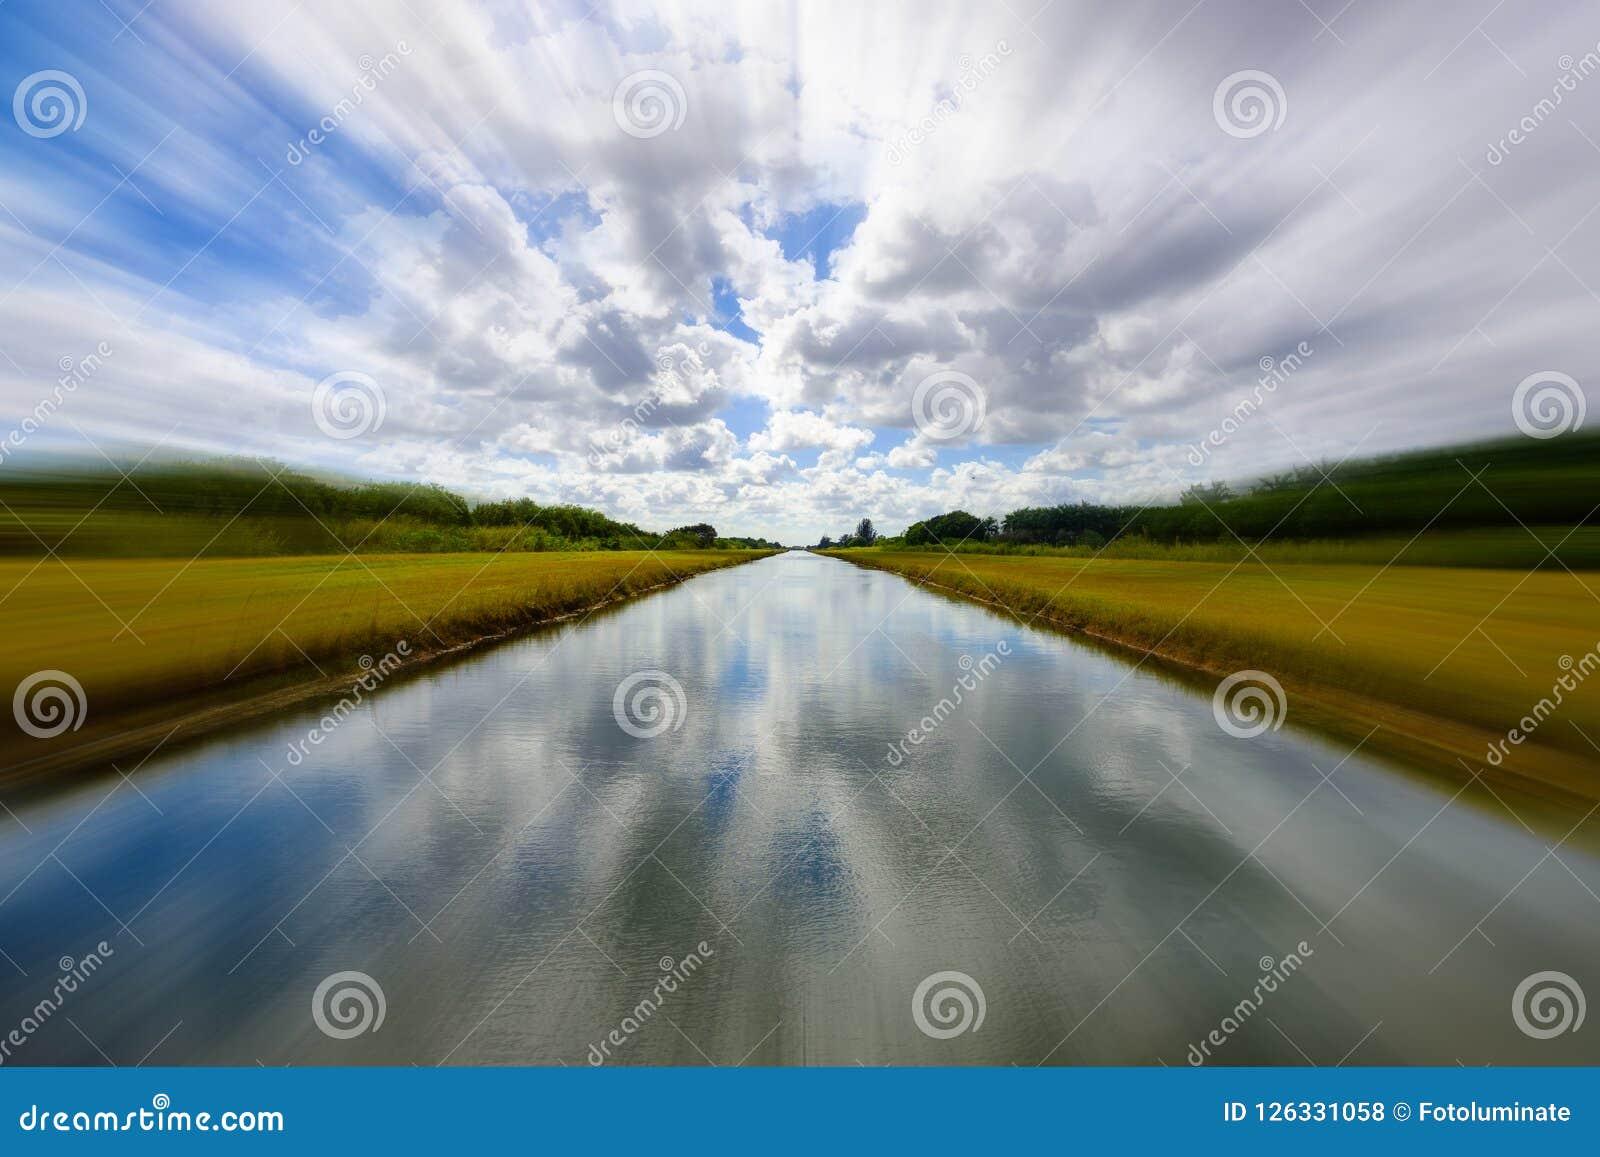 Lång lantlig kanal